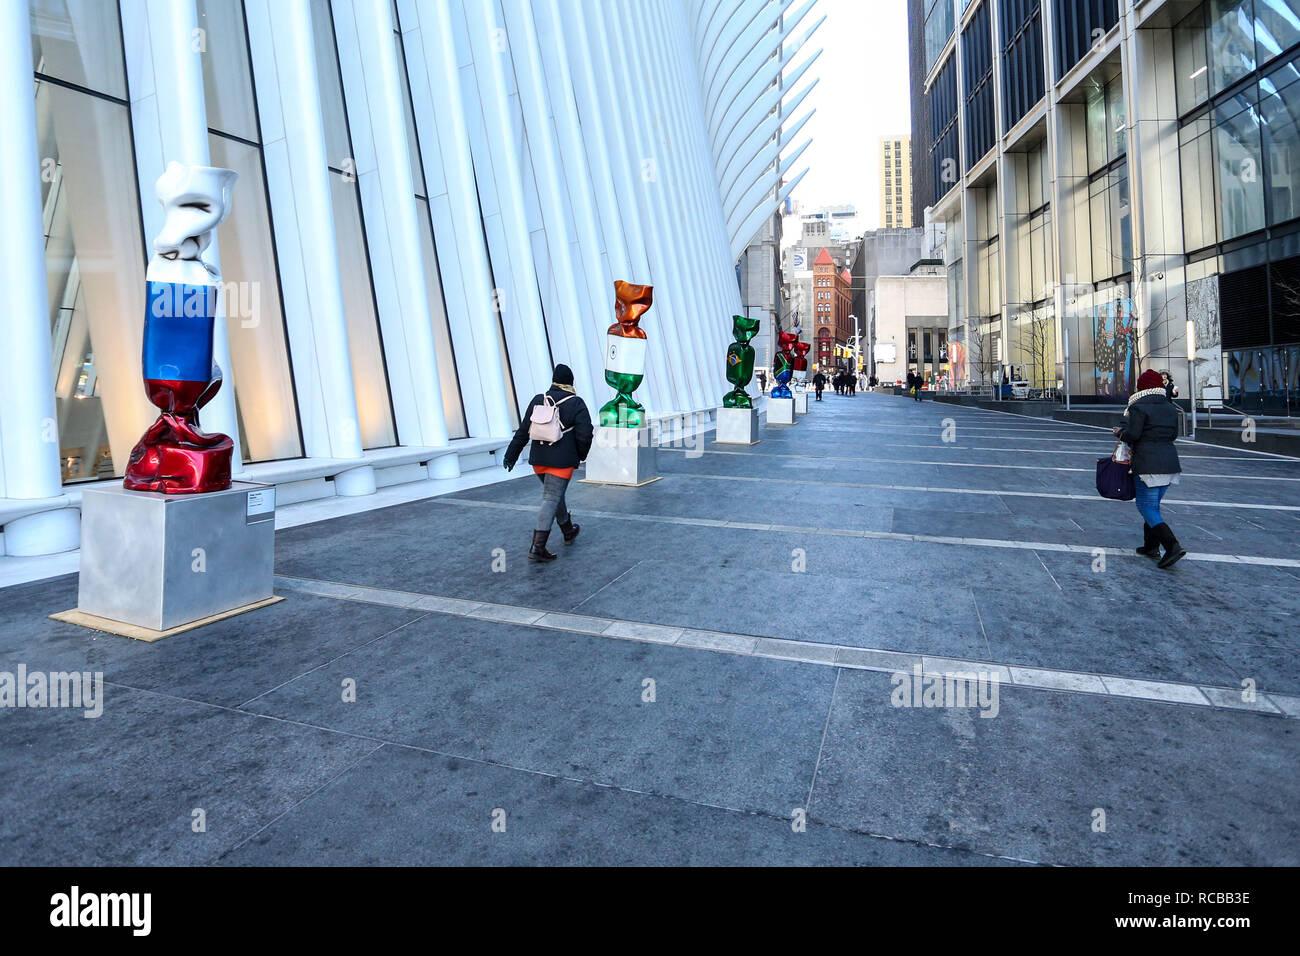 Nueva York, Nueva York, Estados Unidos. 14 ene, 2019. Escultura con las banderas de varias naciones; parte de una exhibición llamada ''Candy Unidas'' está representado fuera Oculus; uno de los edificios que sustituyó a la original del World Trade Center; el 14 de enero de 2019 en Nueva York. - Dulce Unidas representando las banderas de cada uno de los países del G20 como dulces envueltos de 9 metros de alto; ha suscitado críticas para su colocación fuera del 1 World Trade Center. Crédito: William Volcov/Zuma alambre/Alamy Live News Foto de stock